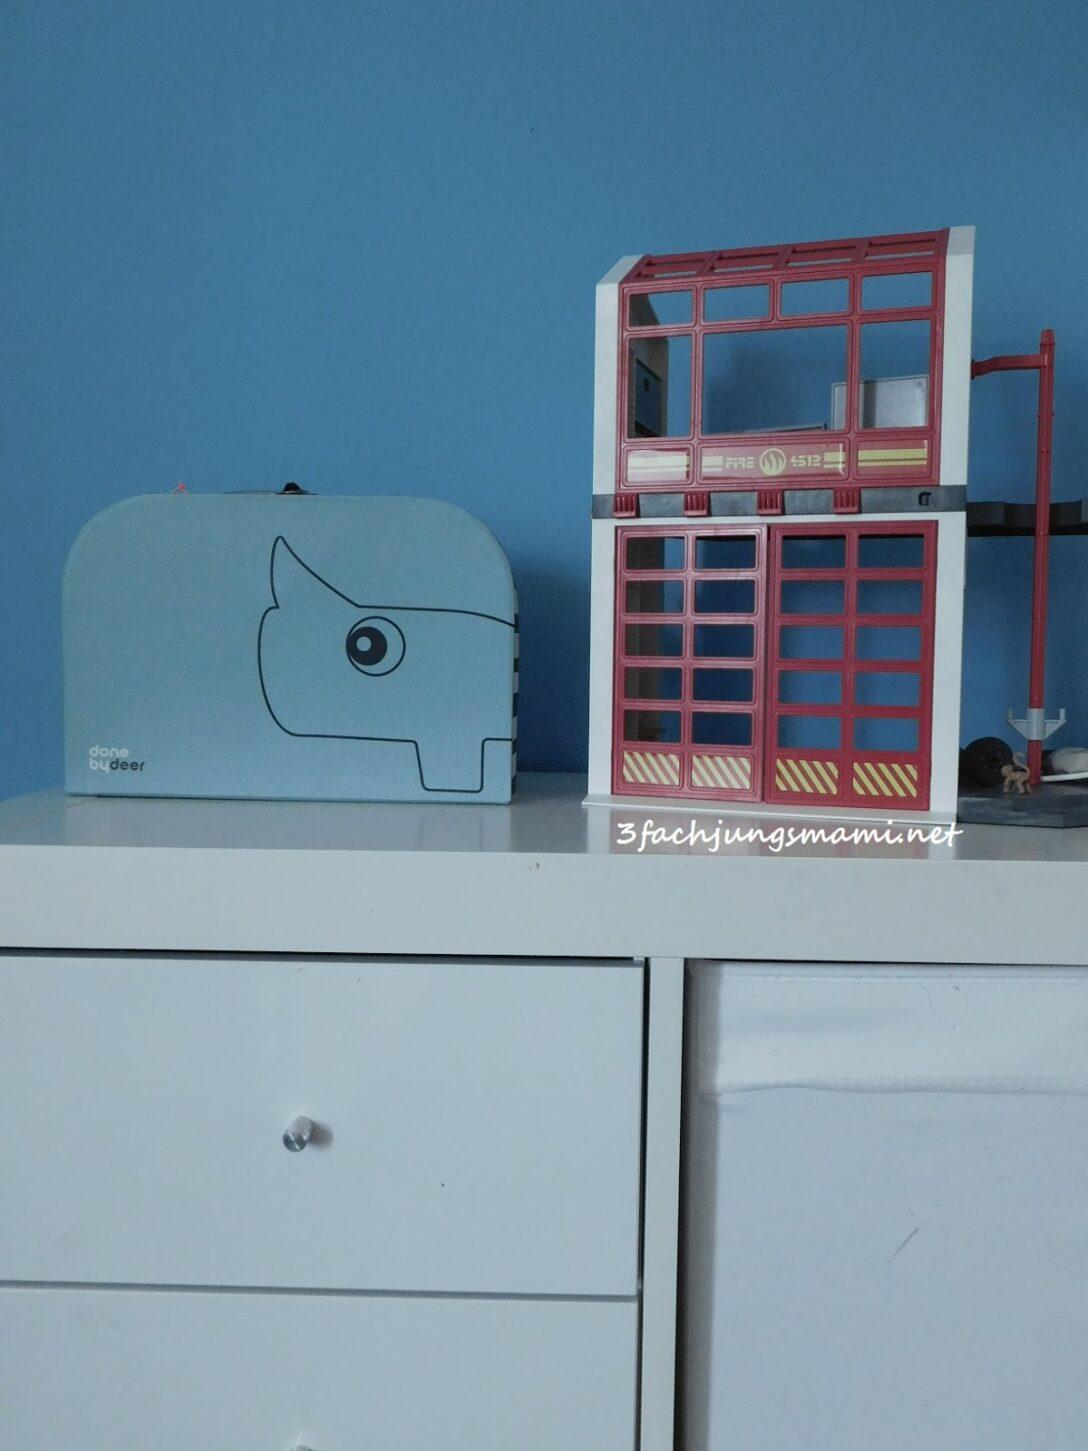 Large Size of Tierische Aufbewahrung Frs Kinderzimmer Rabattcode Regal Weiß Aufbewahrungsbehälter Küche Betten Mit Aufbewahrungsbox Garten Regale Aufbewahrungssystem Bett Kinderzimmer Kinderzimmer Aufbewahrung